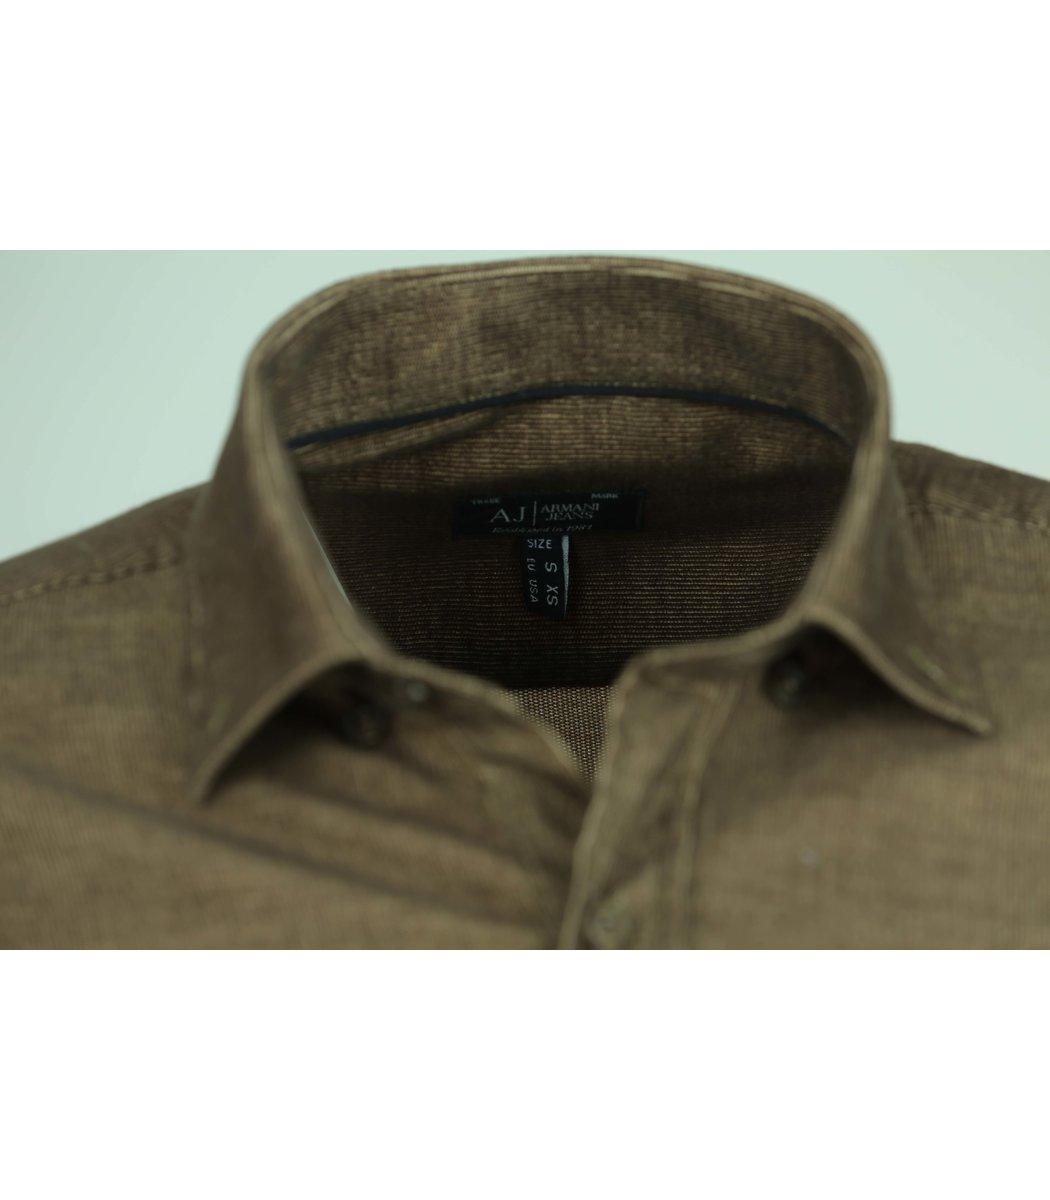 Хаки вельветовая рубашка Armani Jeans RAJ1